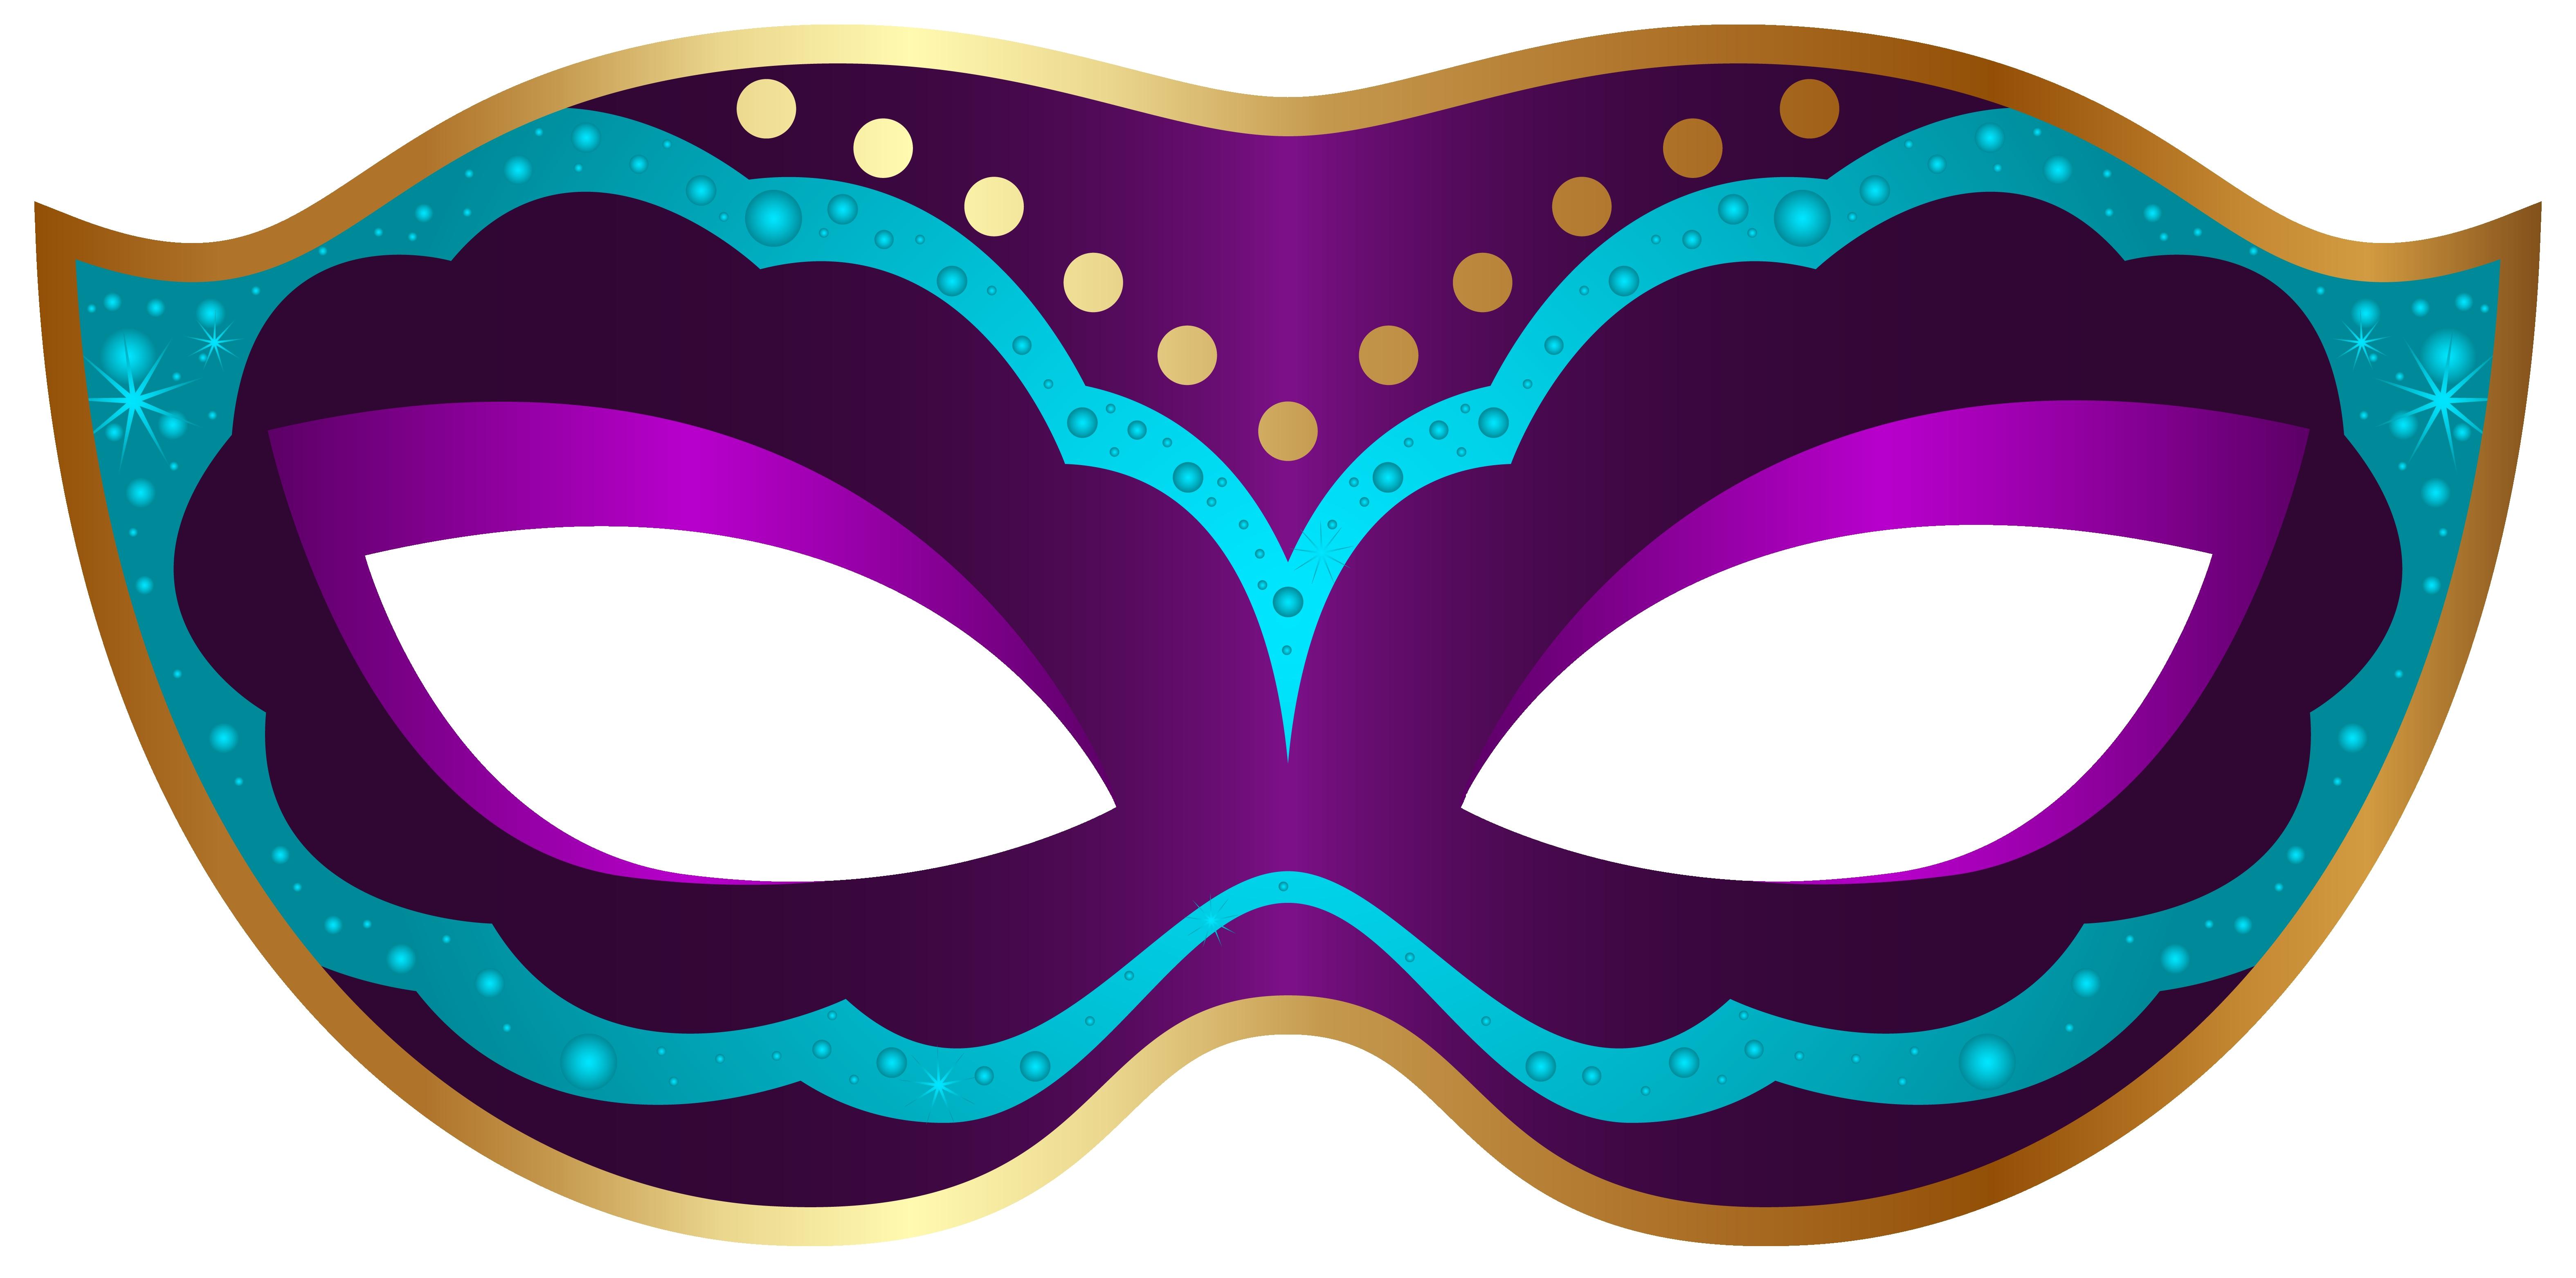 6298x3124 Unique Mask Clipart Design